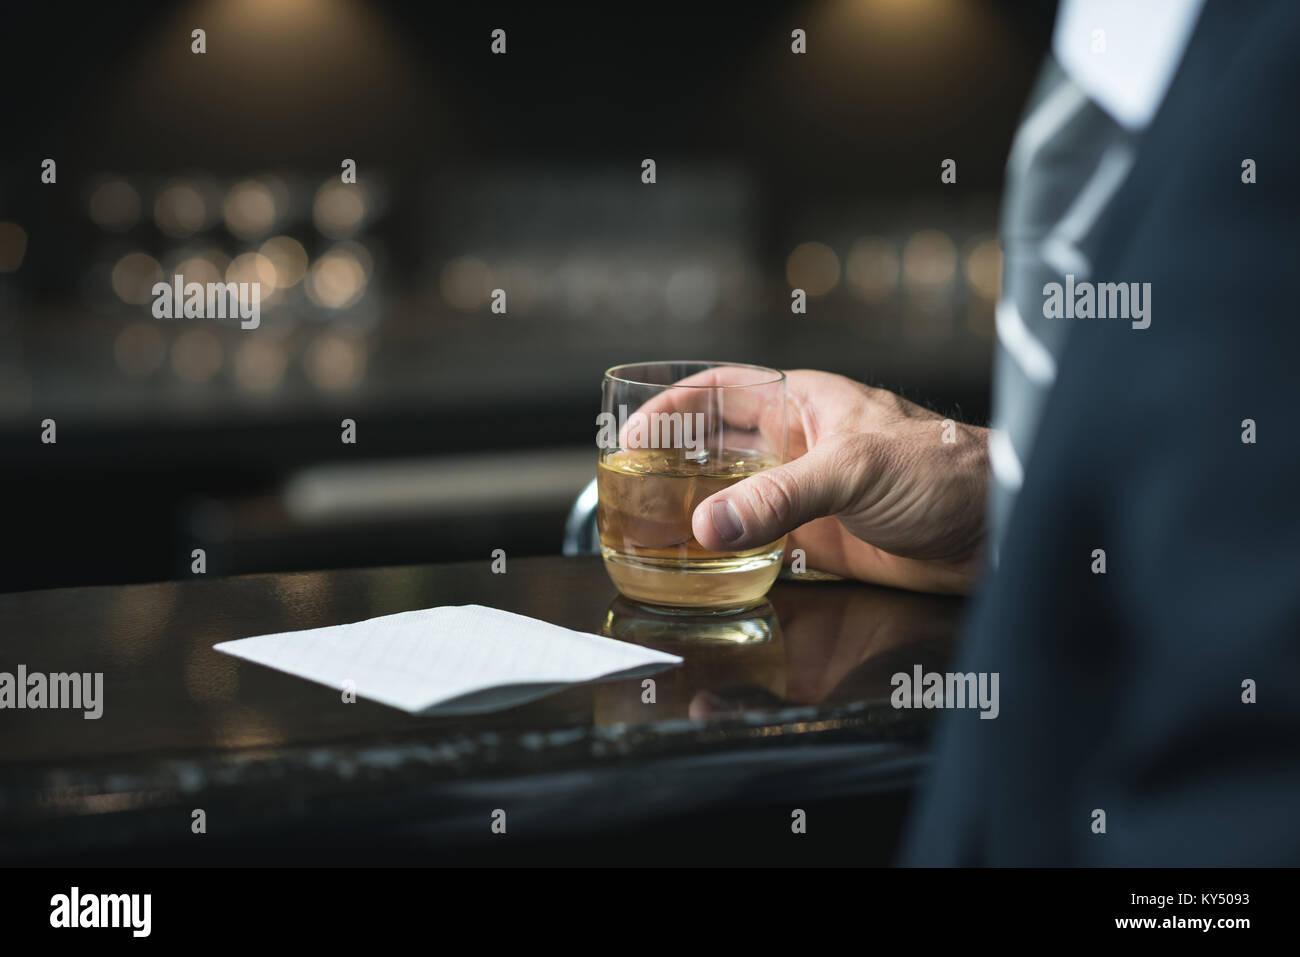 La sezione centrale di imprenditore avente un bicchiere di whisky Immagini Stock